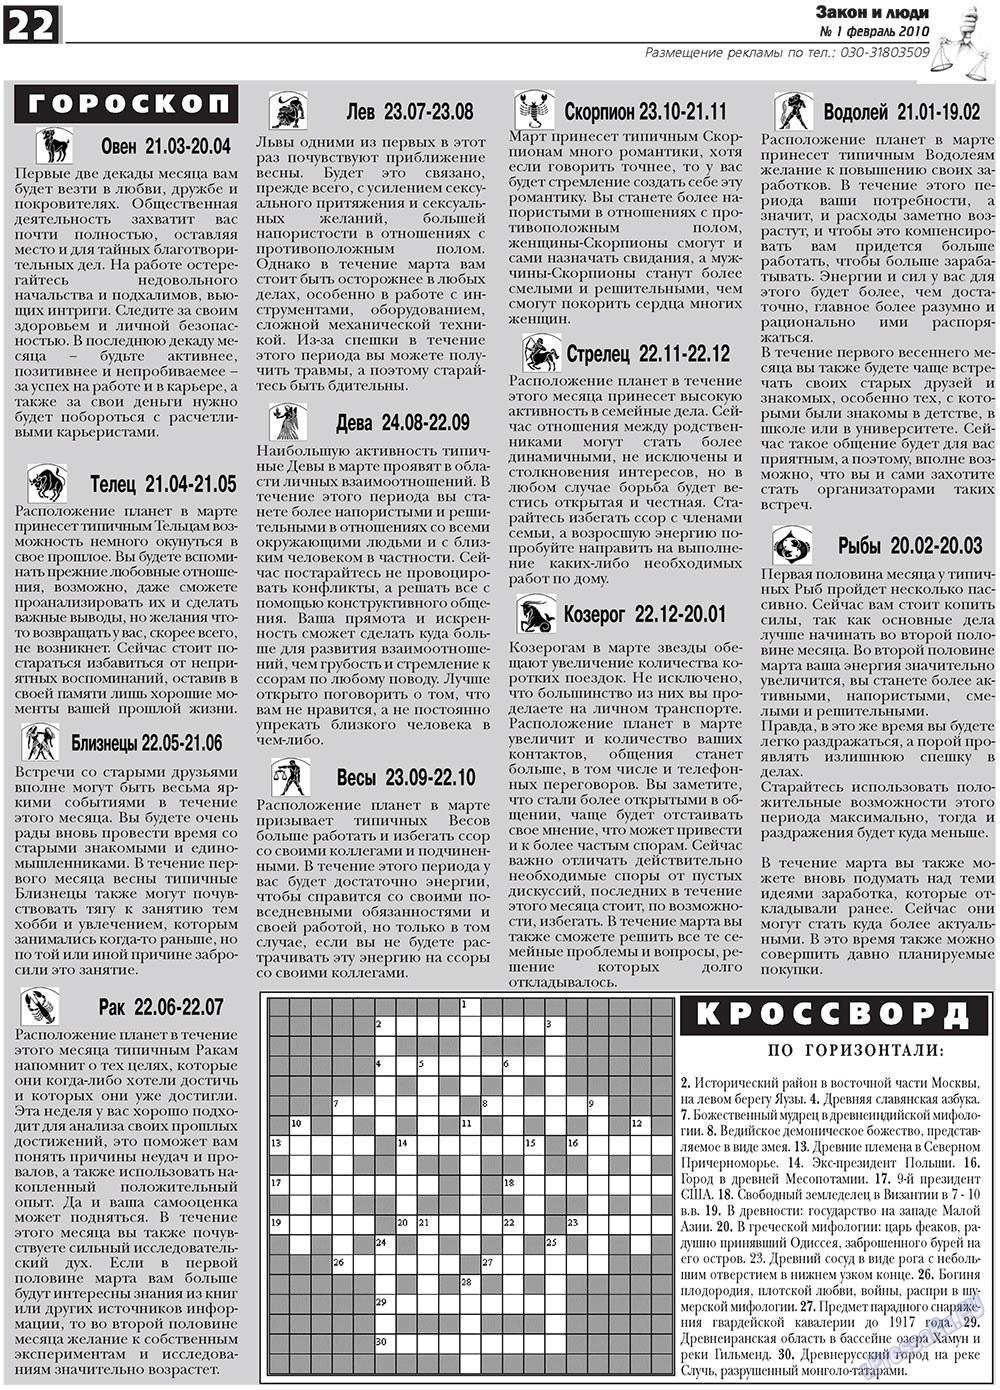 Закон и люди (газета). 2010 год, номер 1, стр. 22